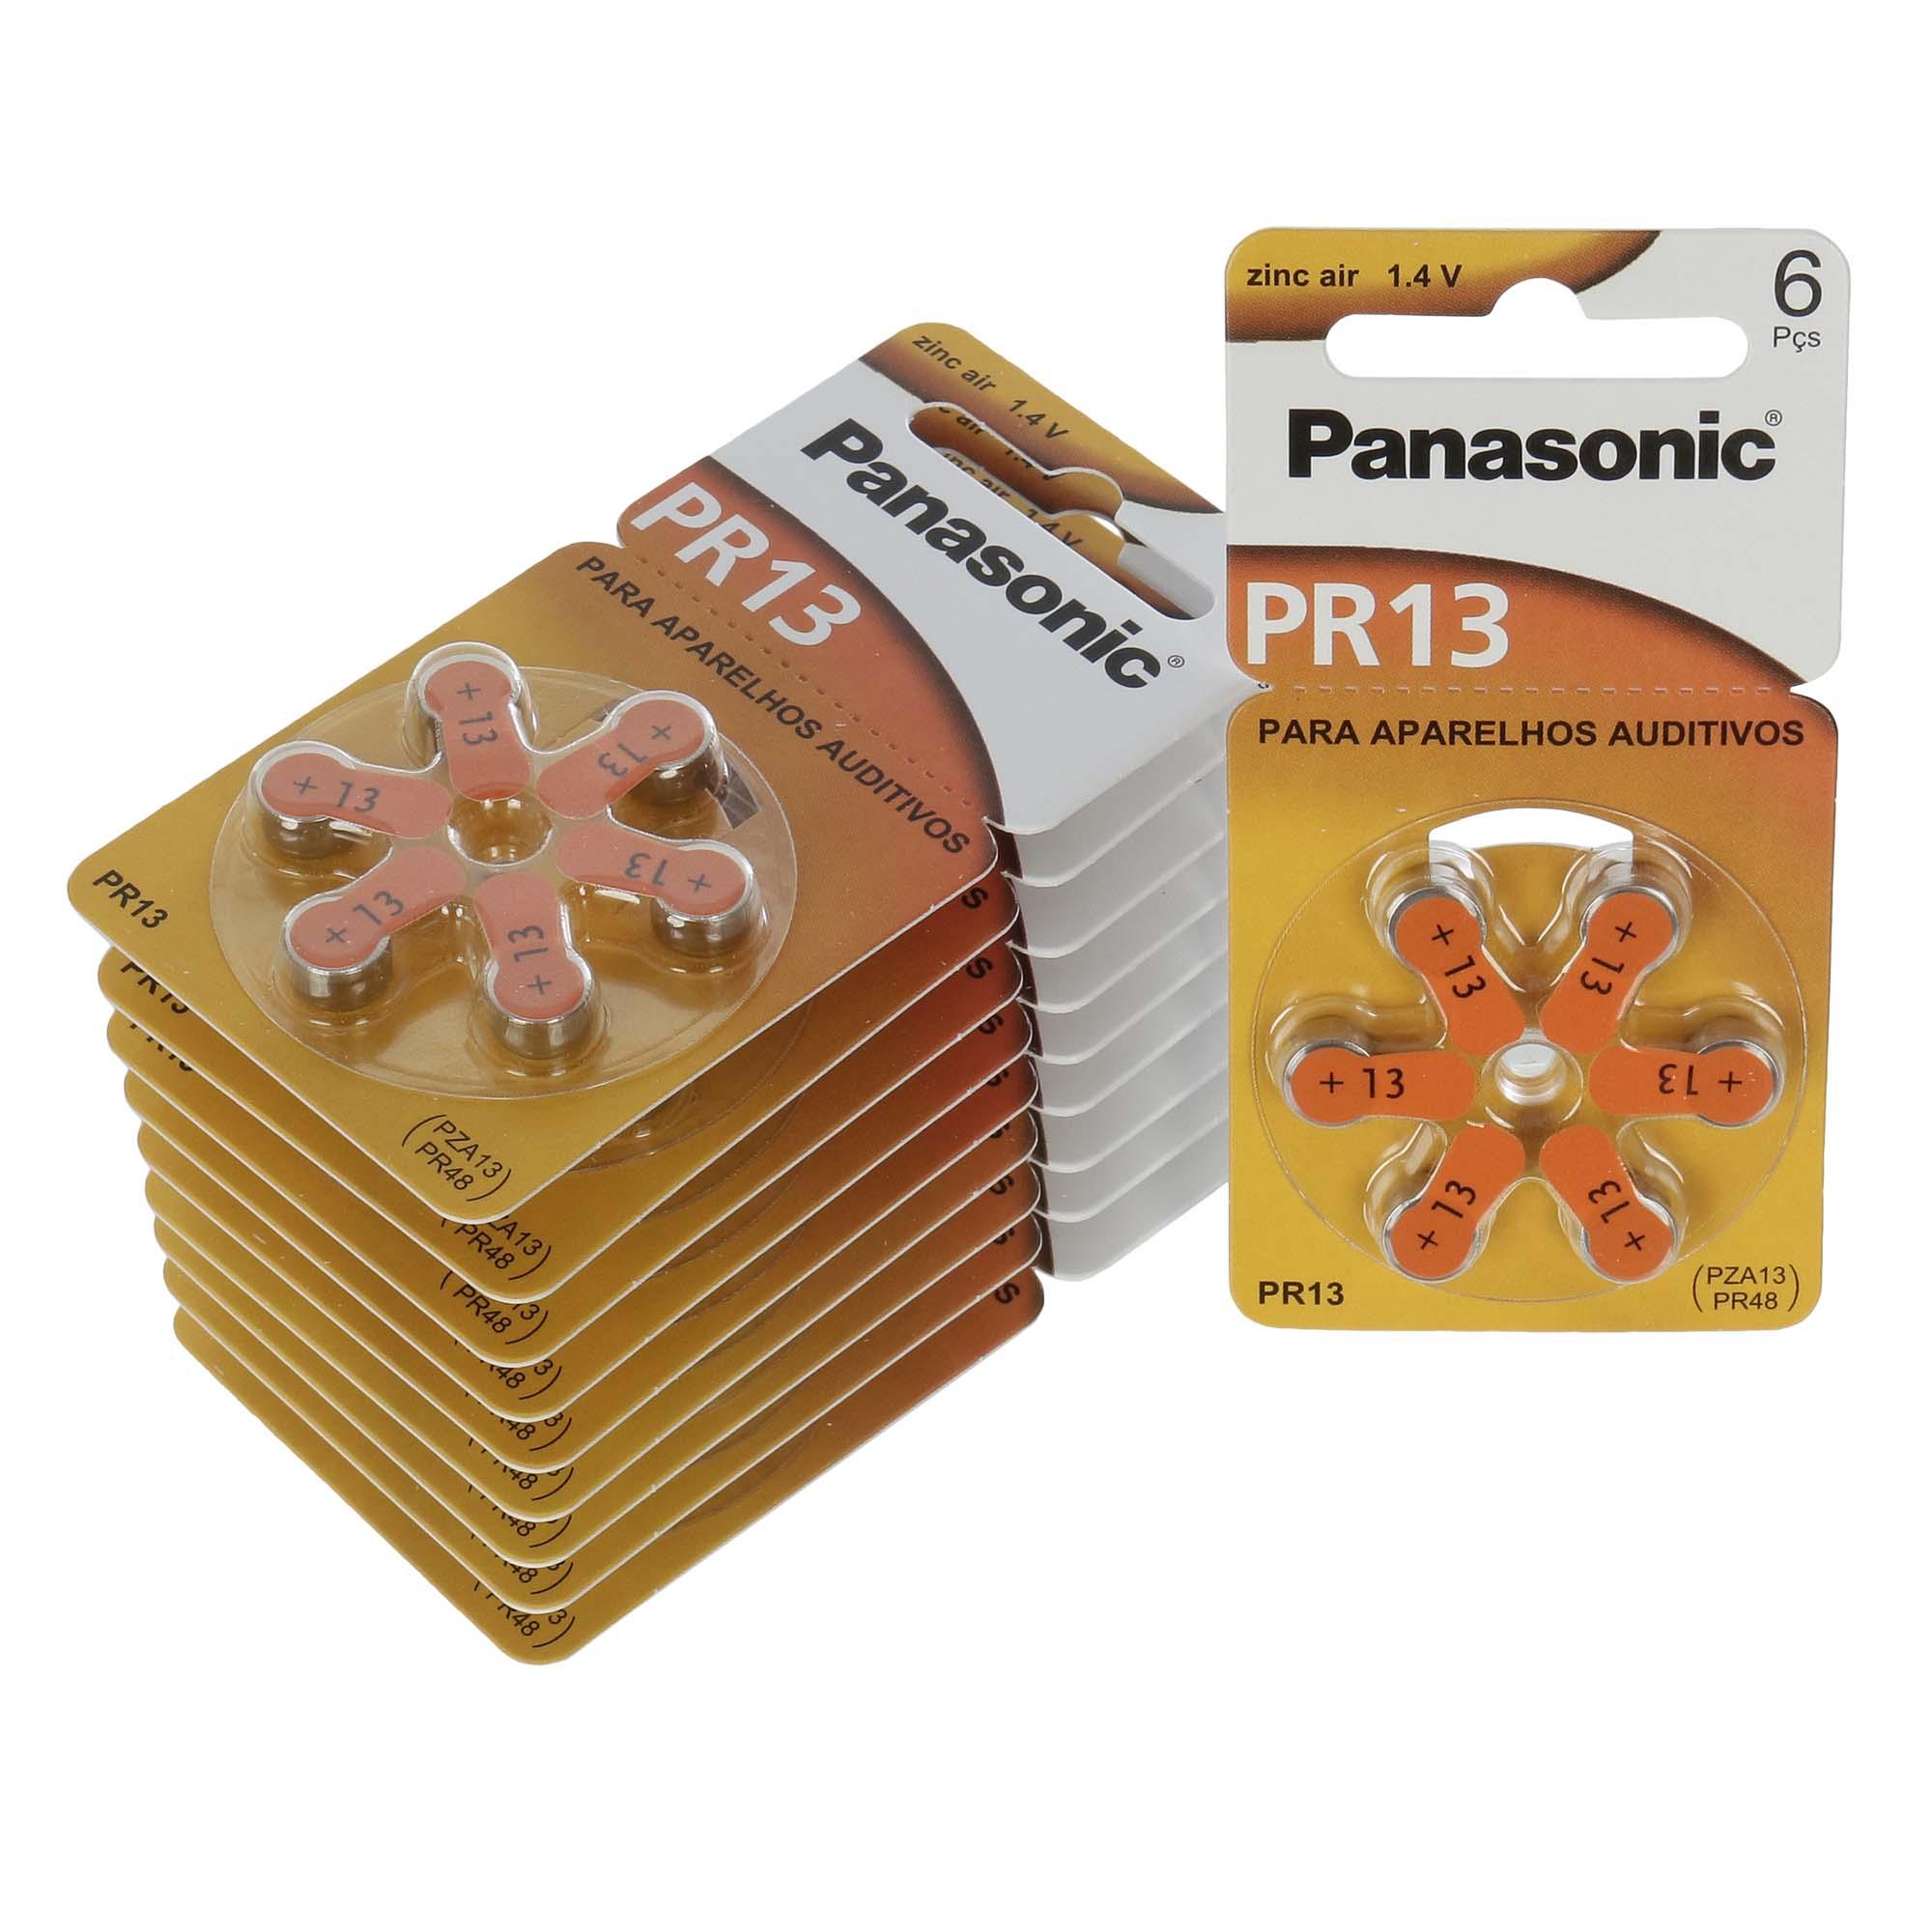 Panasonic PR13 / PR48  - 10 Cartelas - 60 Baterias para Aparelho Auditivo  - SONORA